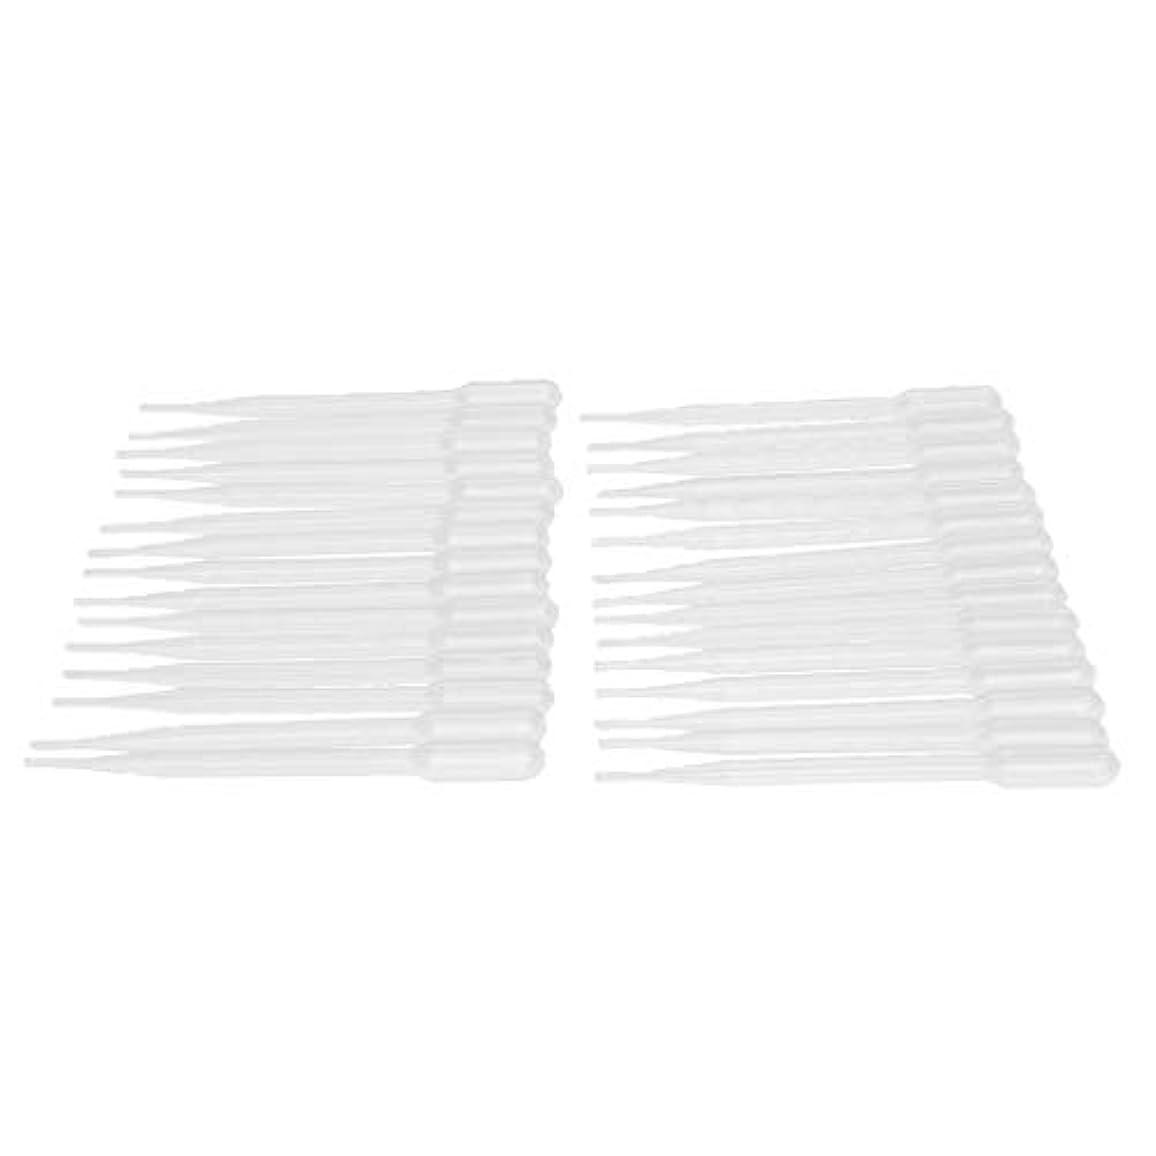 貸す寛容なダーリンdailymall 30ピース/個使い捨てプラスチックトランスファーピペット、エッセンシャルオイルと科学研究所に適したキャリブレーションドロッパー-0.2ml 1ml 3ml - 3ML